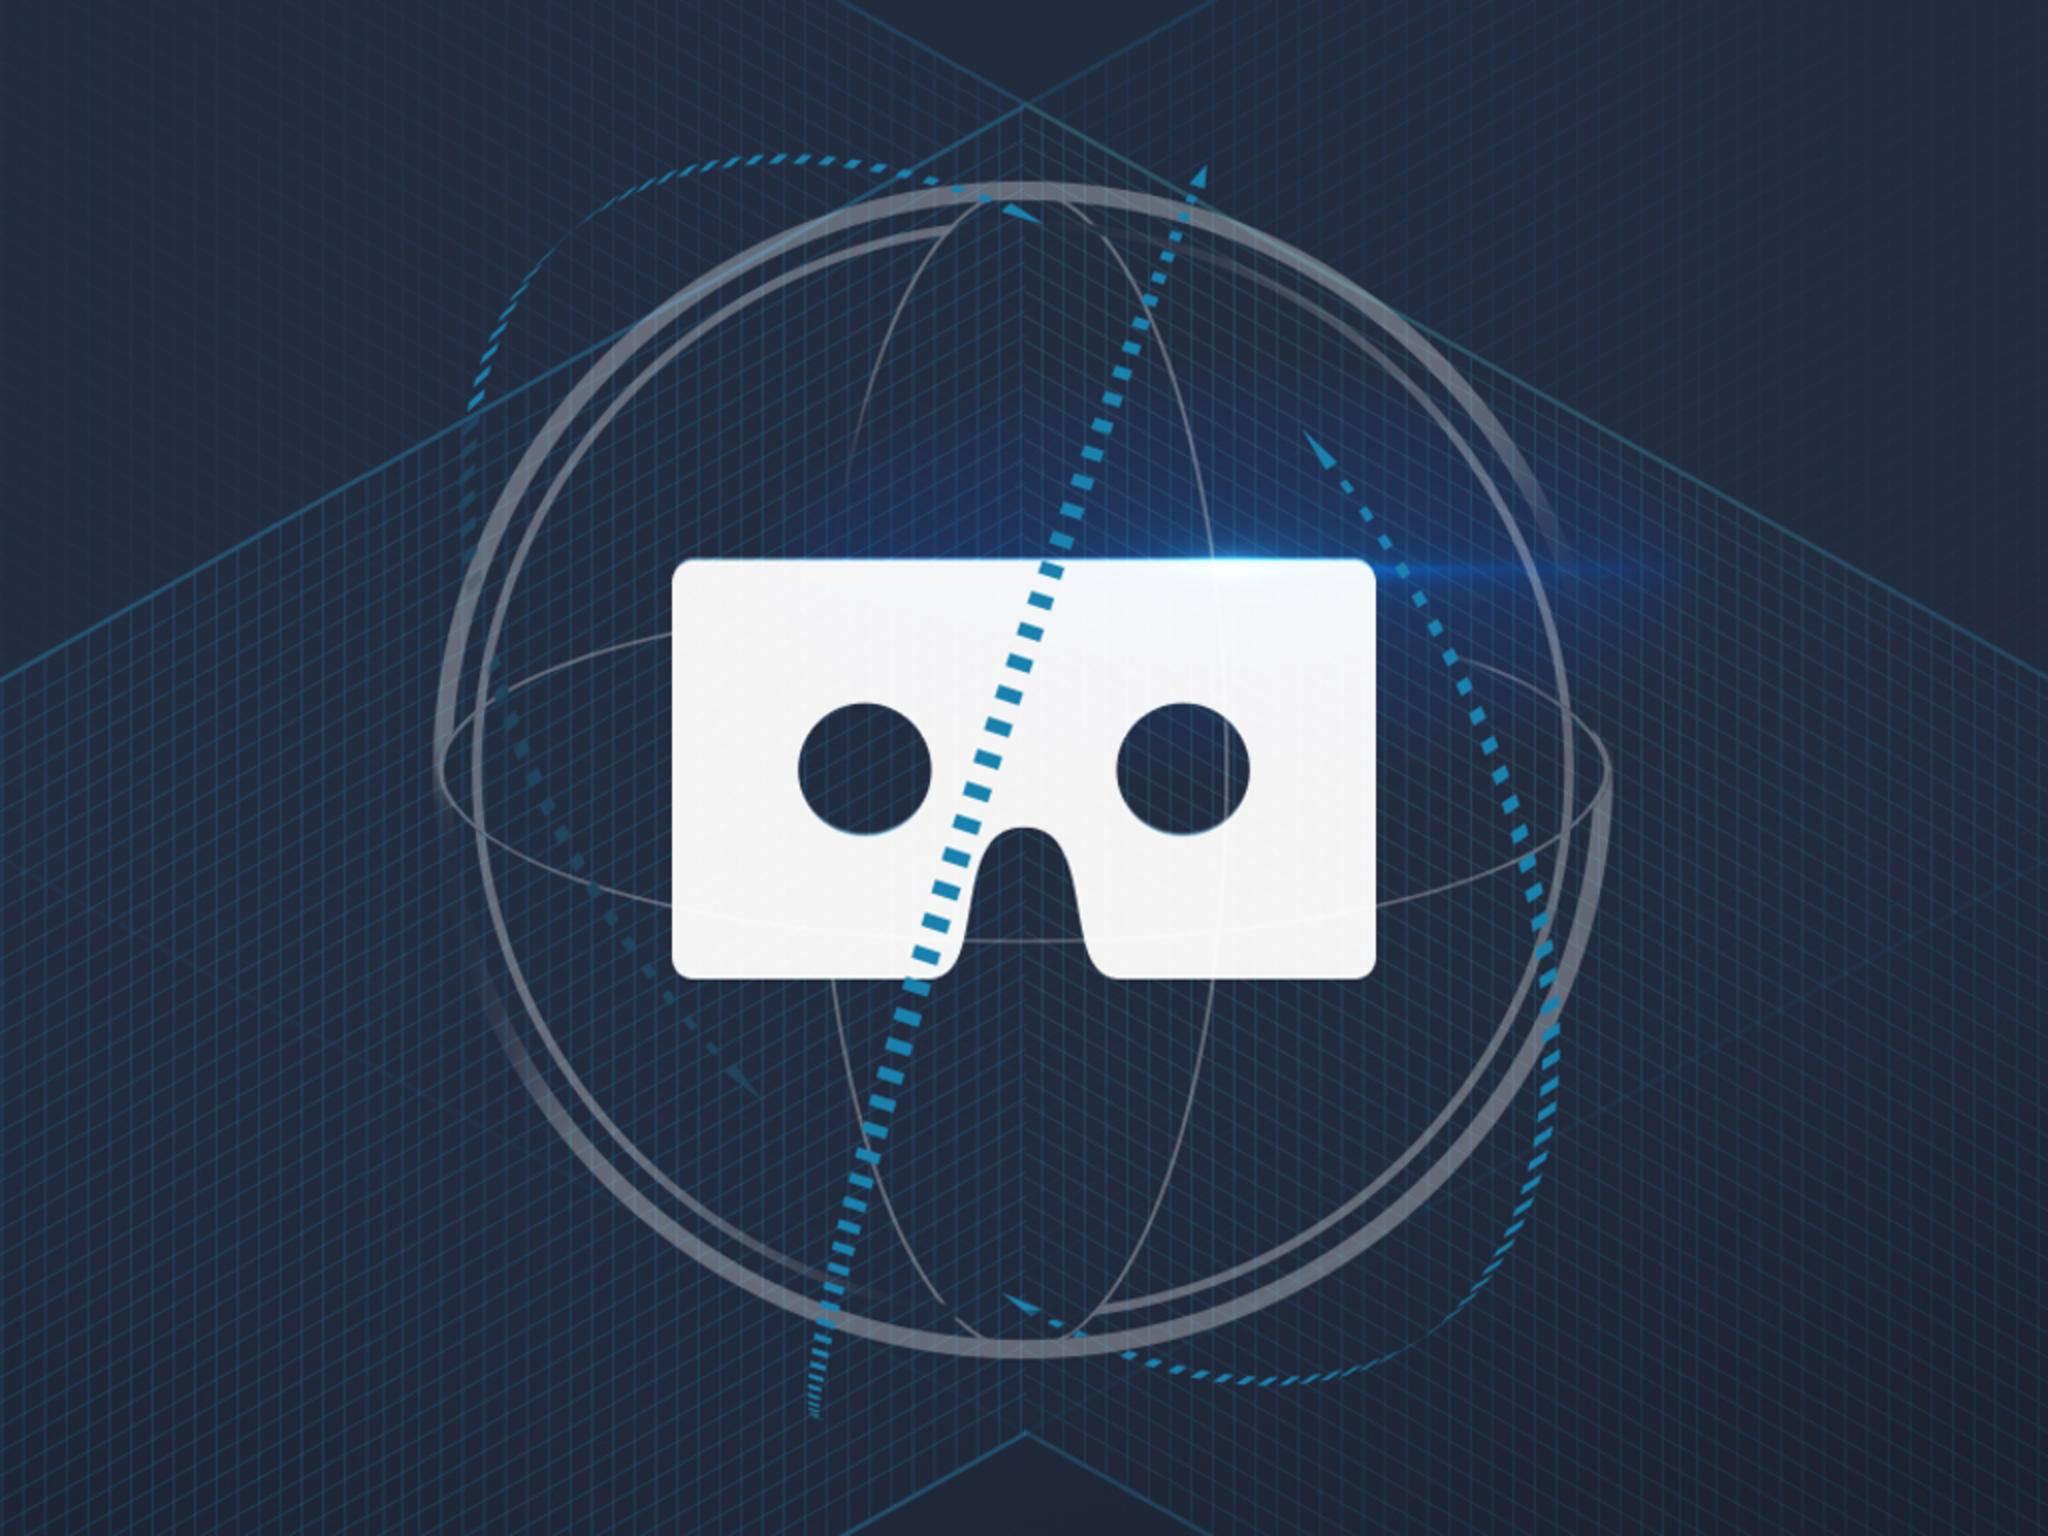 Der Nachfolger des OnePlus One wird per VR vorgestellt.